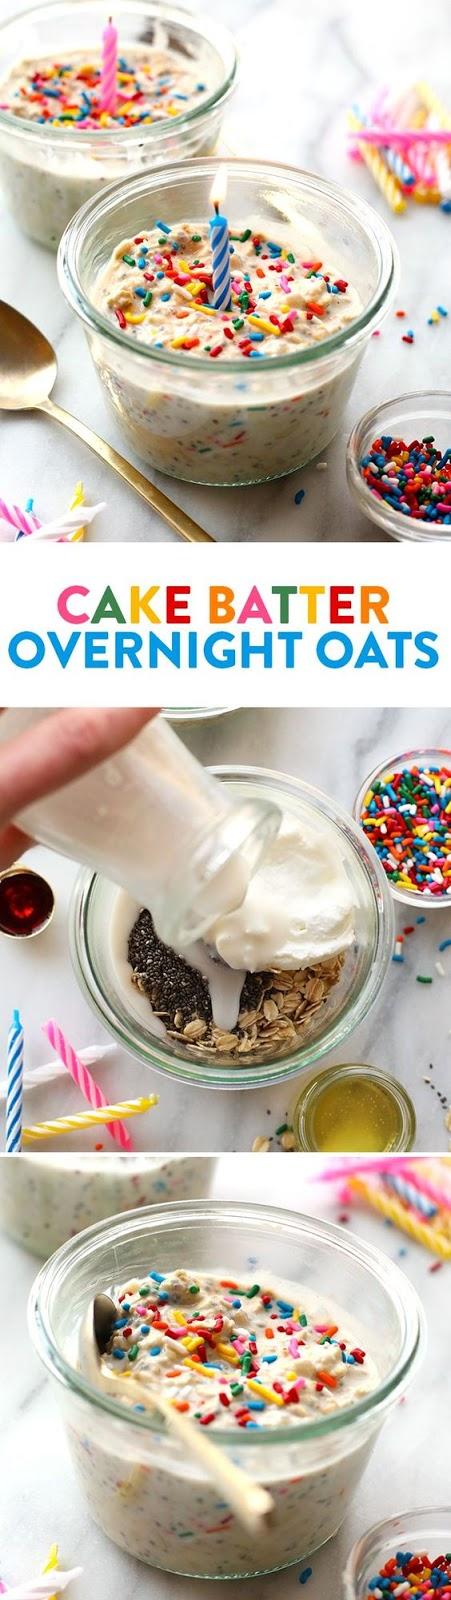 BIRTHDAY CAKE BATTER OVERNIGHT OATS